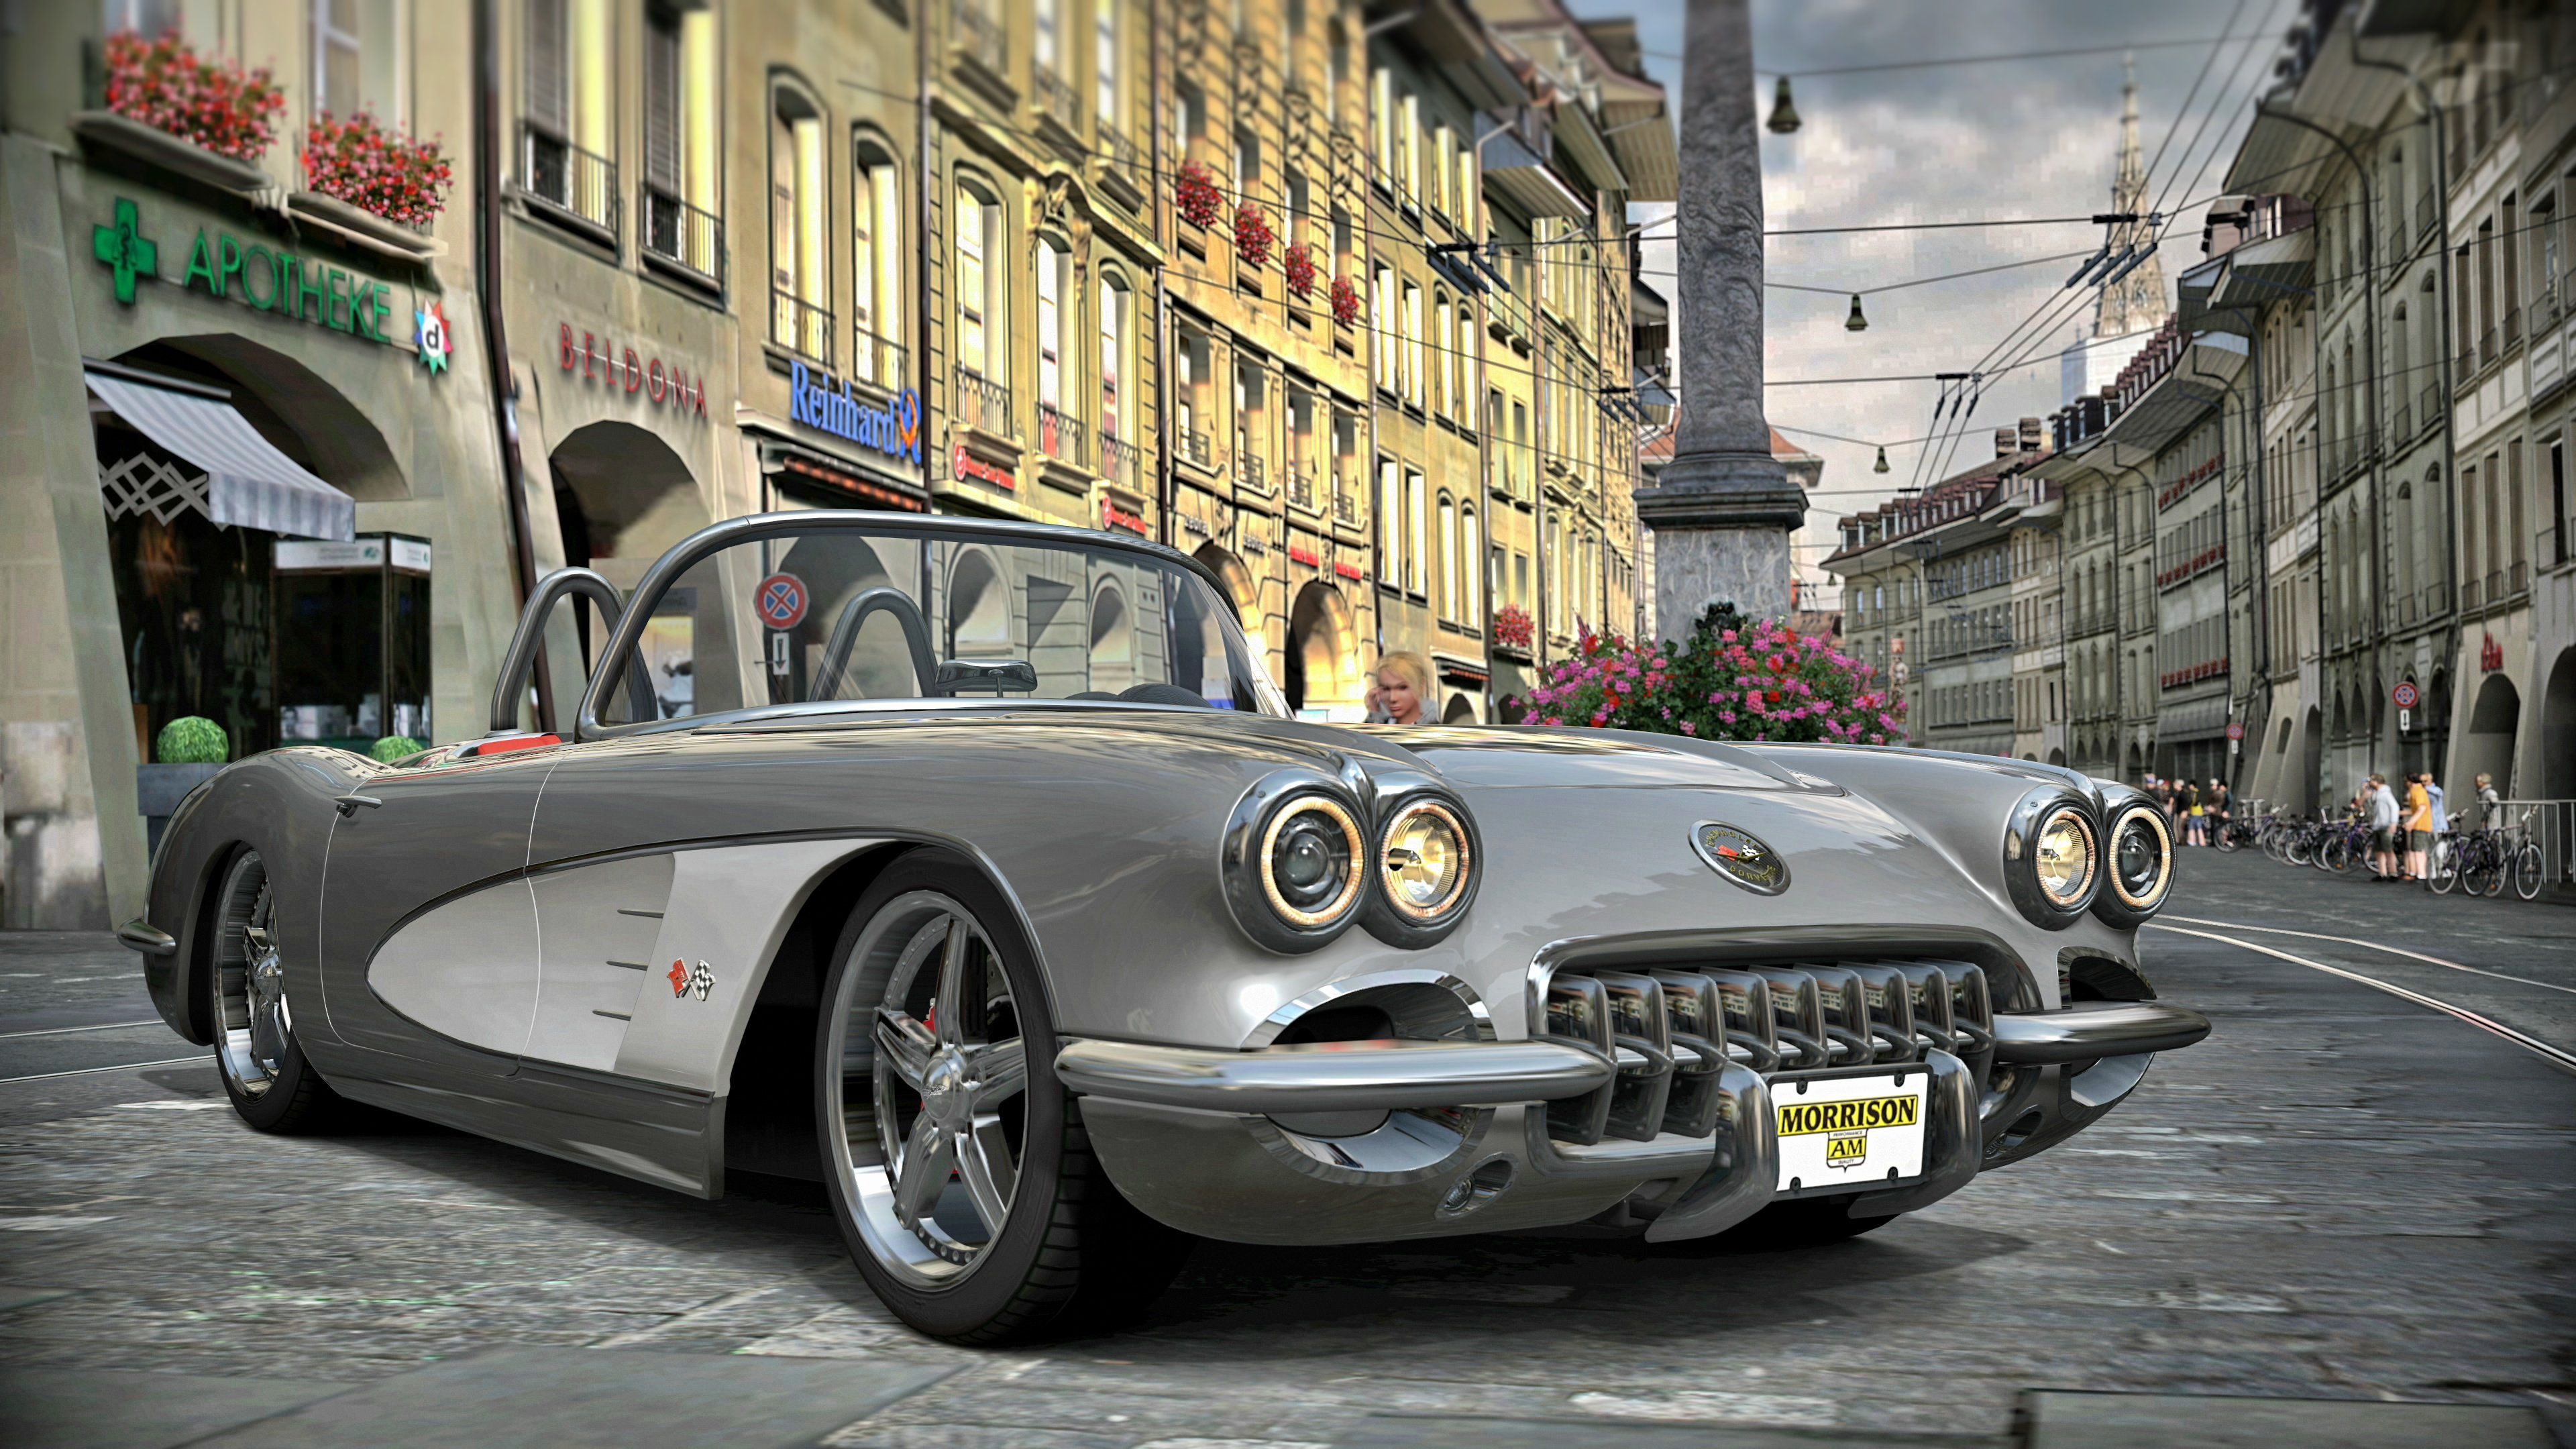 Vintage Corvette Wallpapers   Top Vintage Corvette 3840x2160